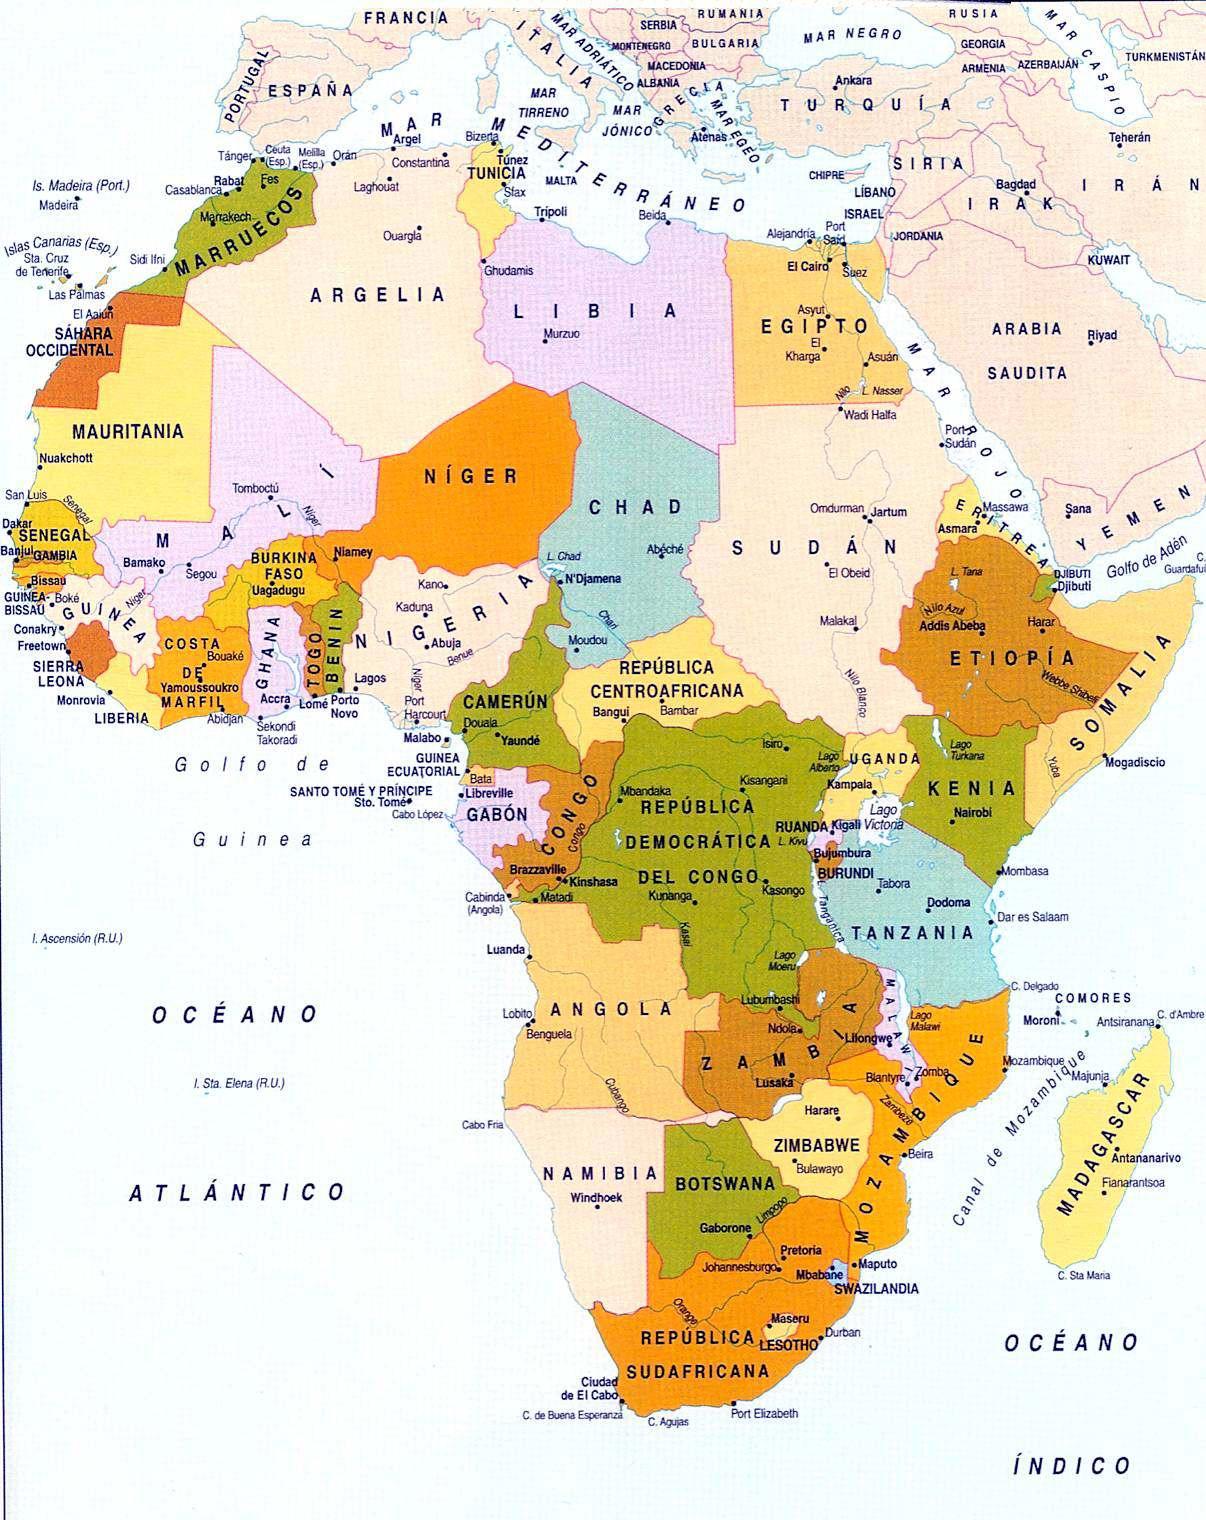 Mapa politico de africa grande los pa ses de africa en colores - Nombres clasicos espanoles ...